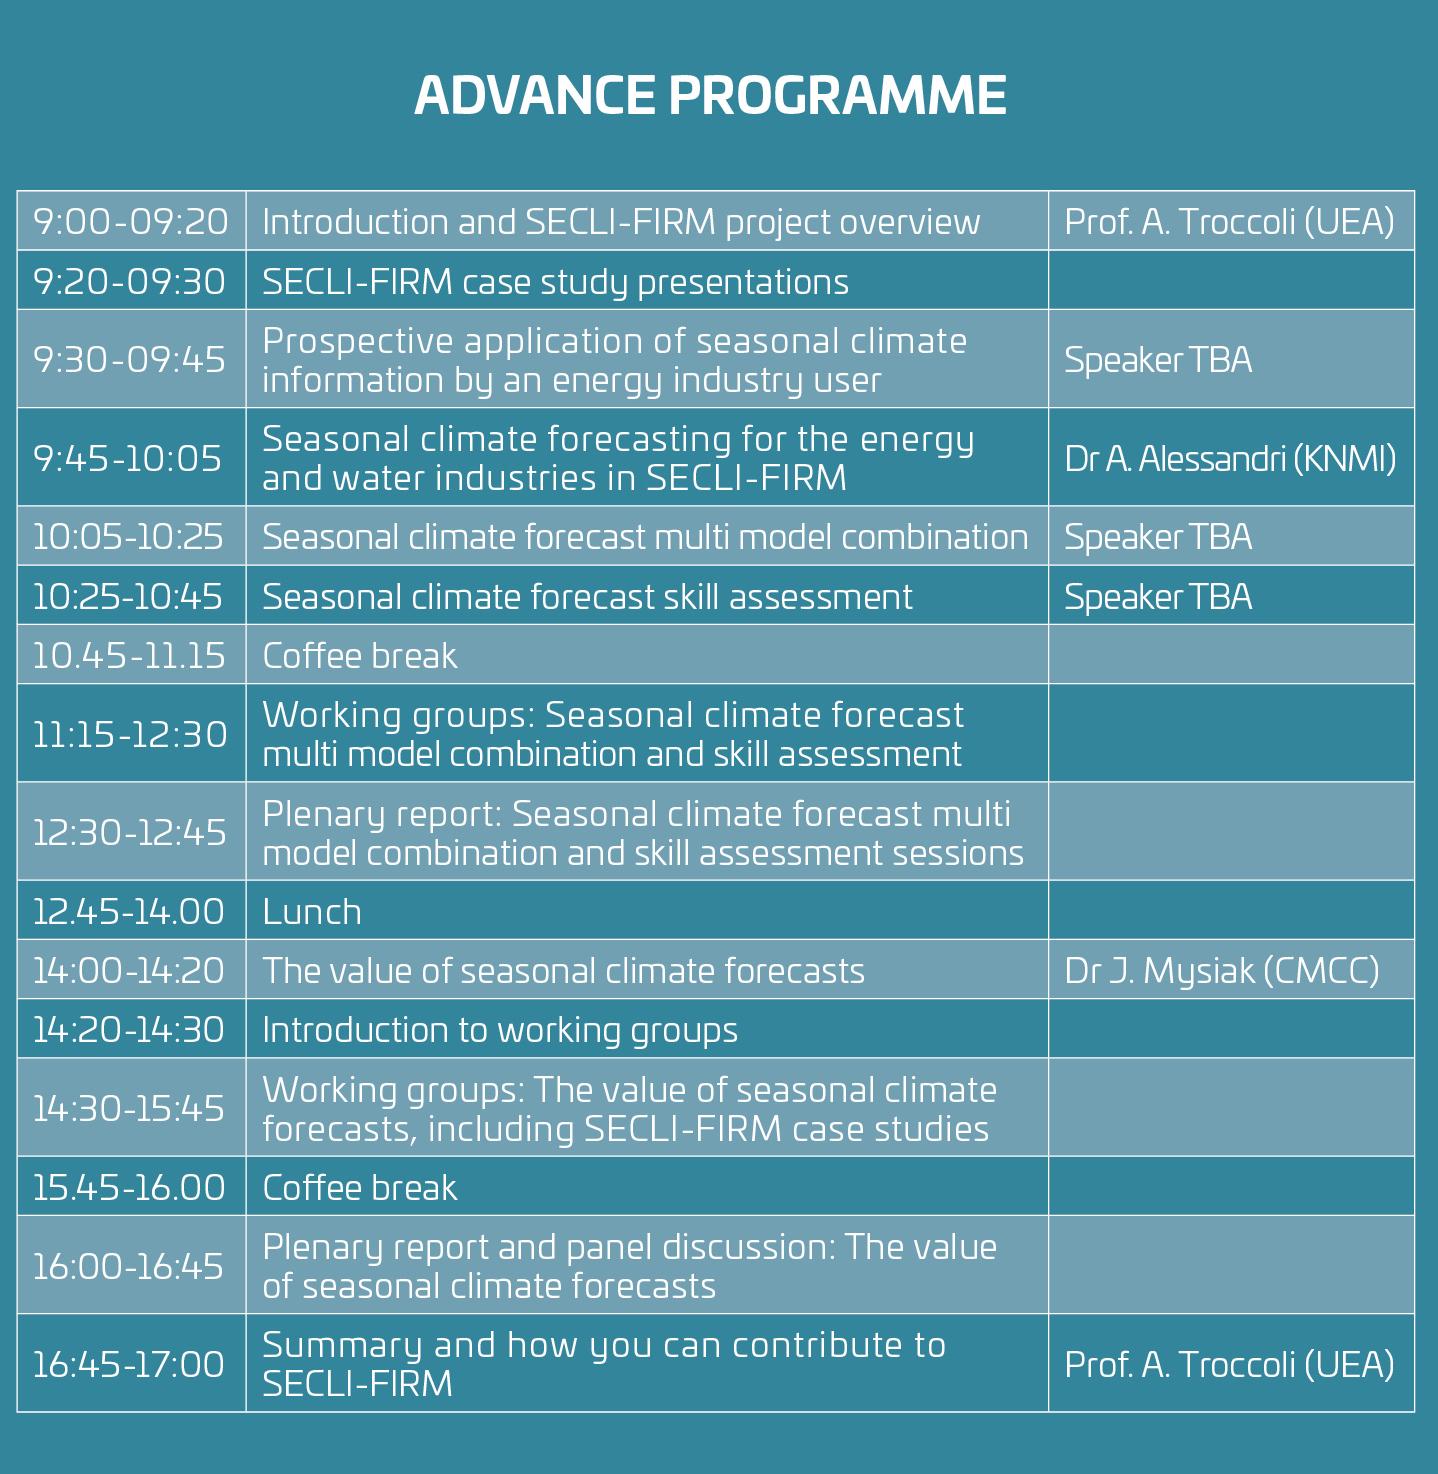 Workshop 2 Advance Programme